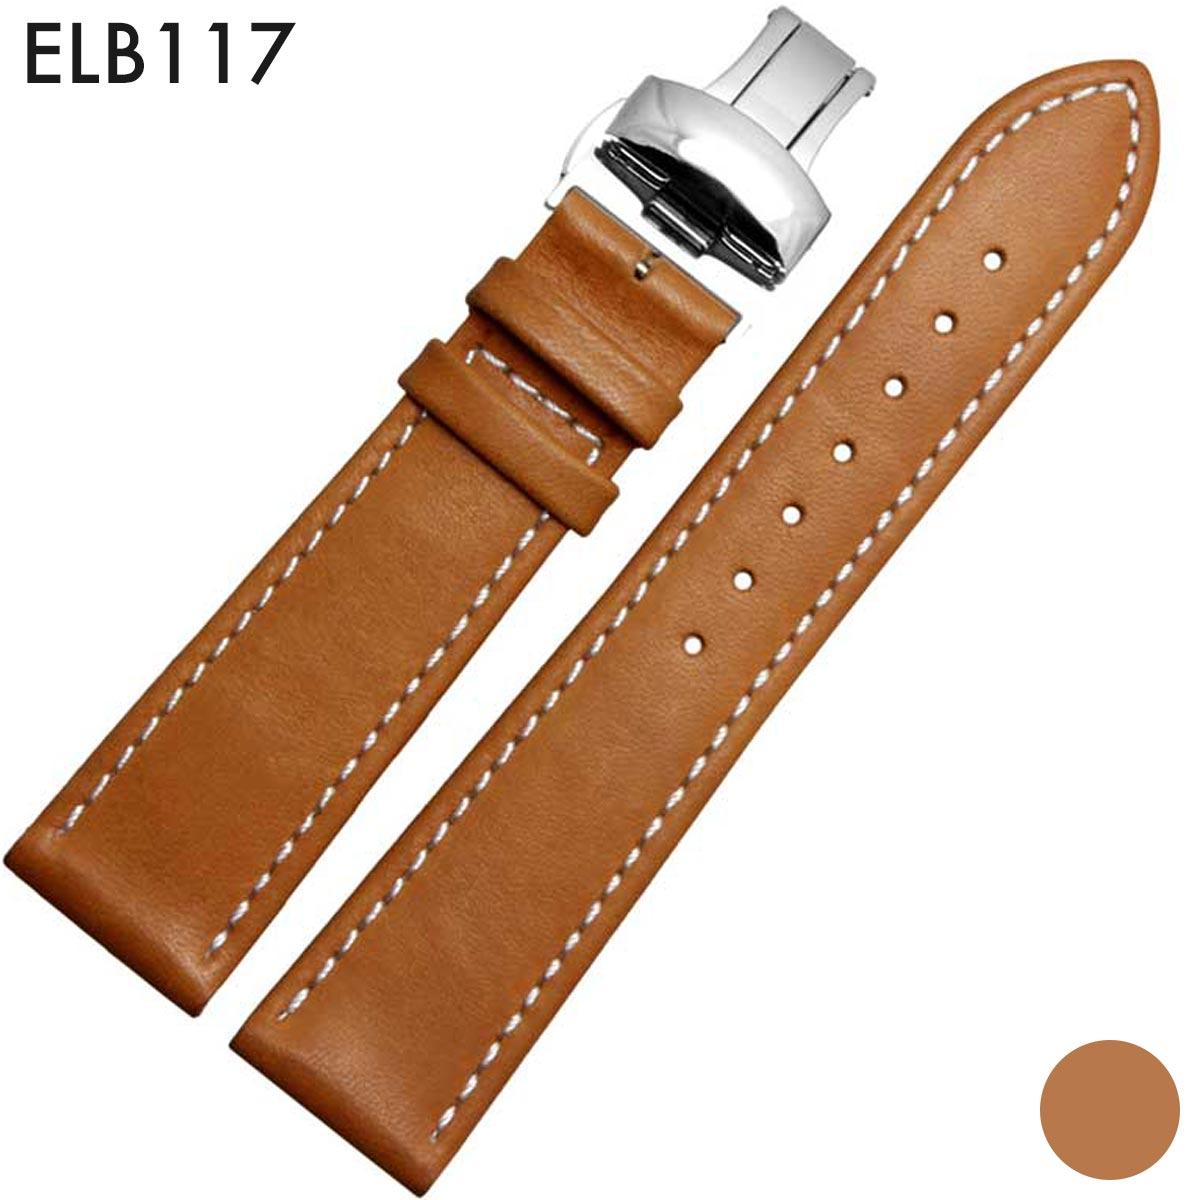 腕時計ベルト 腕時計バンド 替えストラップ 社外品 汎用レザーベルト 革ベルト 取付幅21mm 適用: CITIZEN シチズン、HERMES エルメス (尾錠)Dバックル付き [ Eight - ELB117 ]